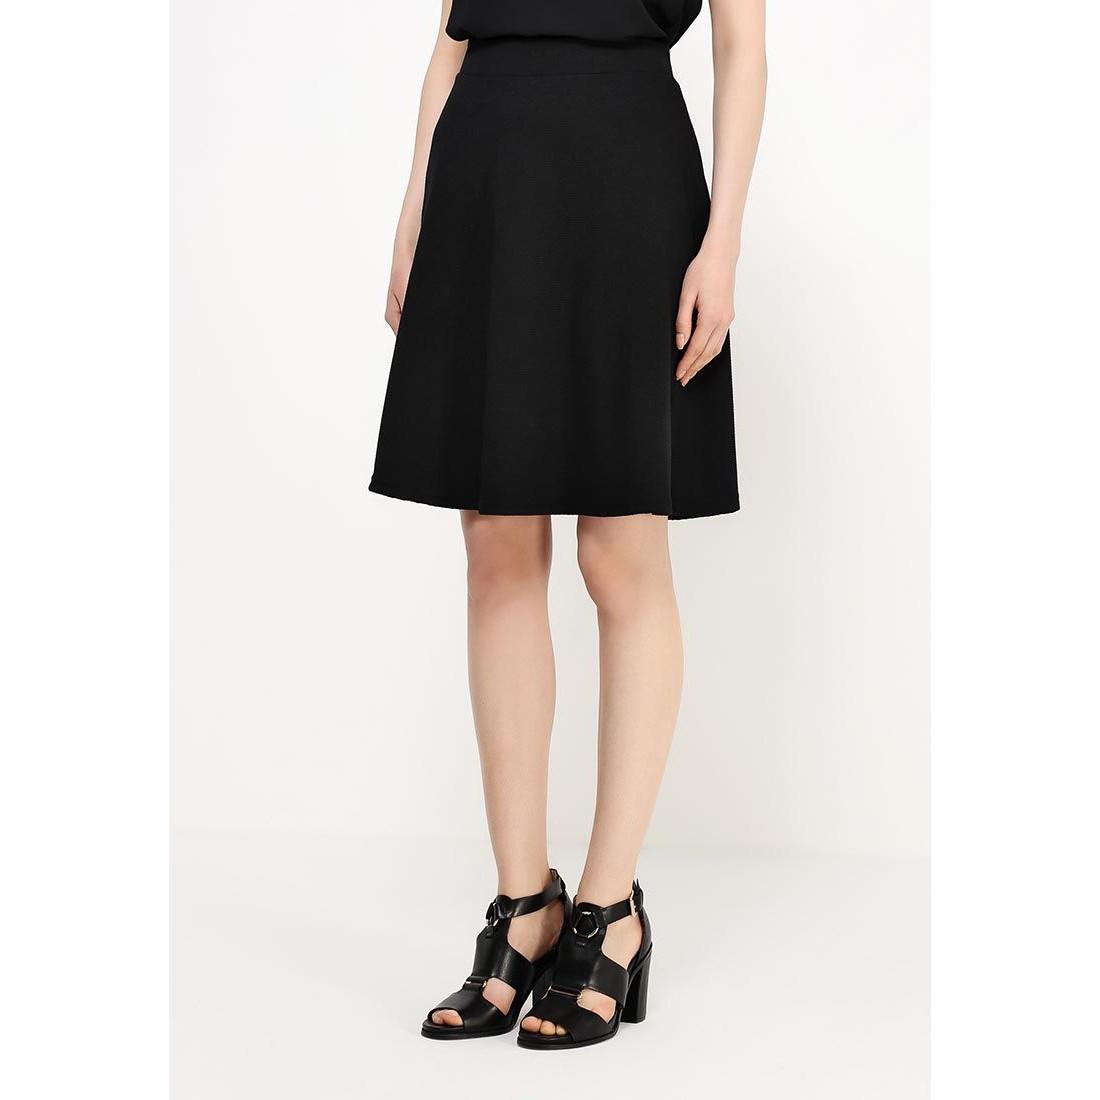 юбки черного цвета в крупный редкий белый горох фото